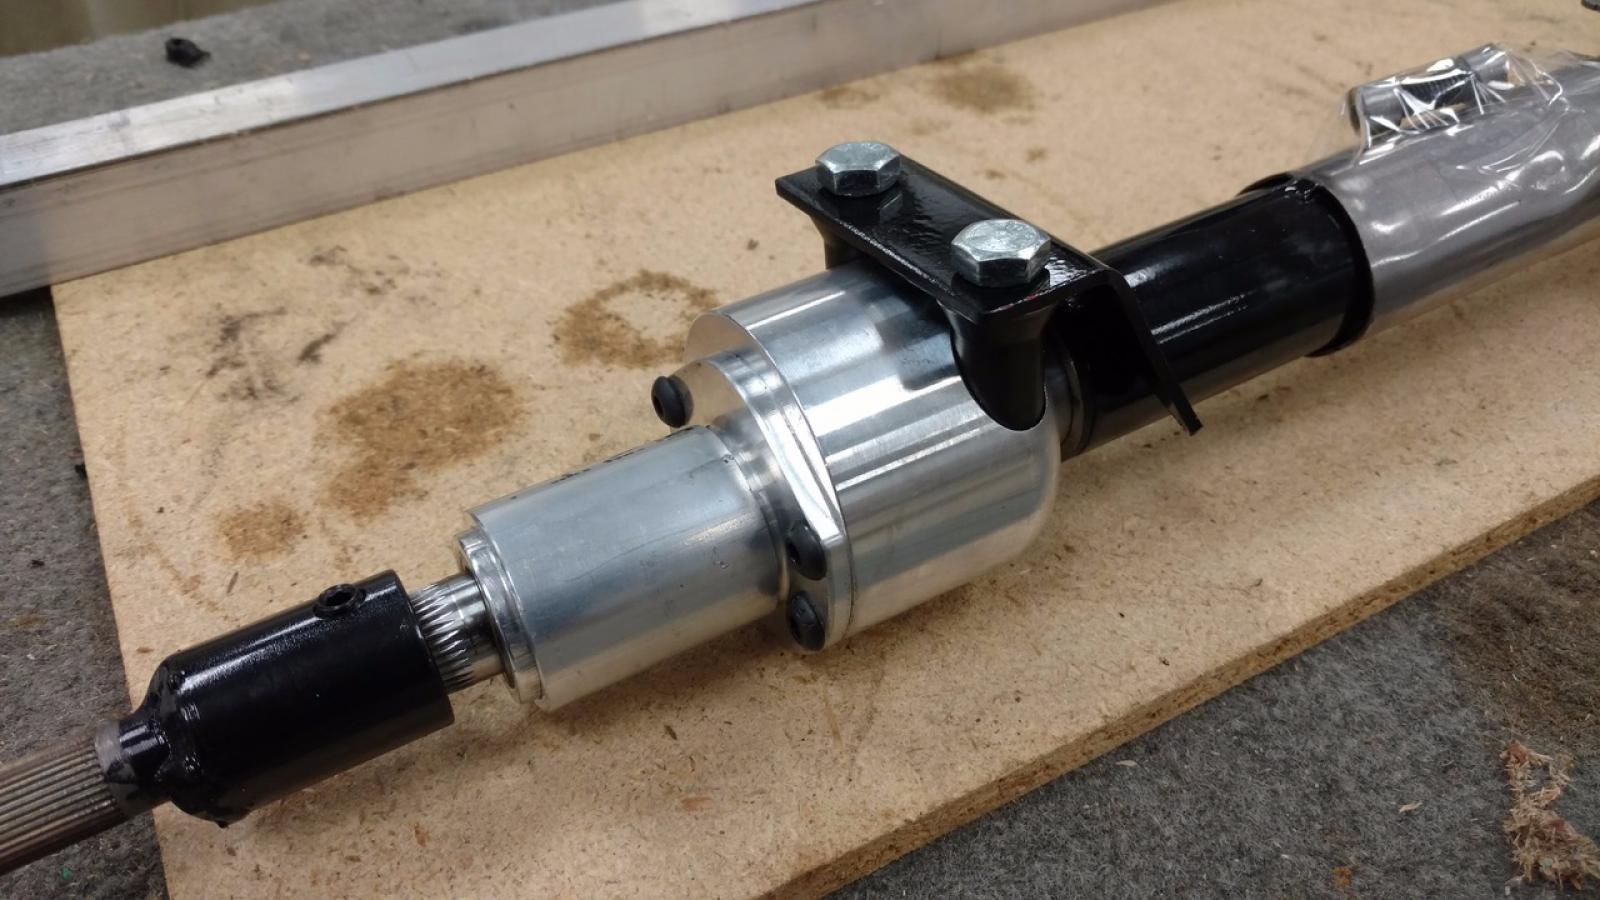 L&E Fabrications 1.5:1 Quick Steering Column - Subaru Impreza WRX STI 04-07 - 3